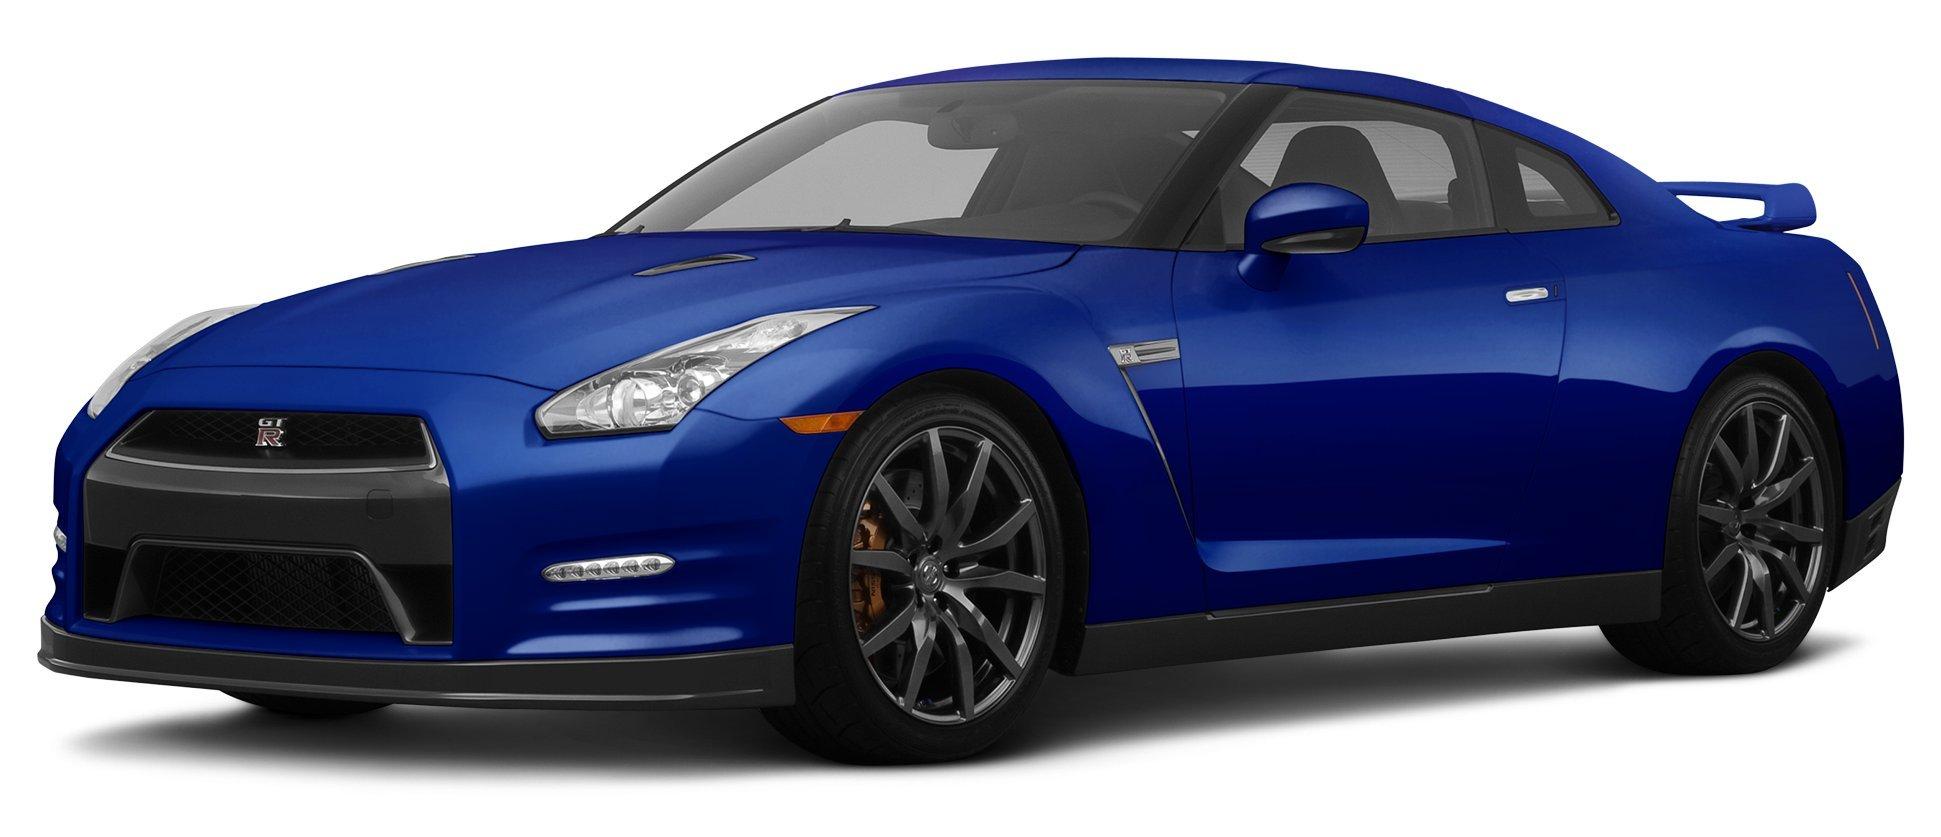 ... 2013 Nissan GT R Premium, 2 Door Coupe ...